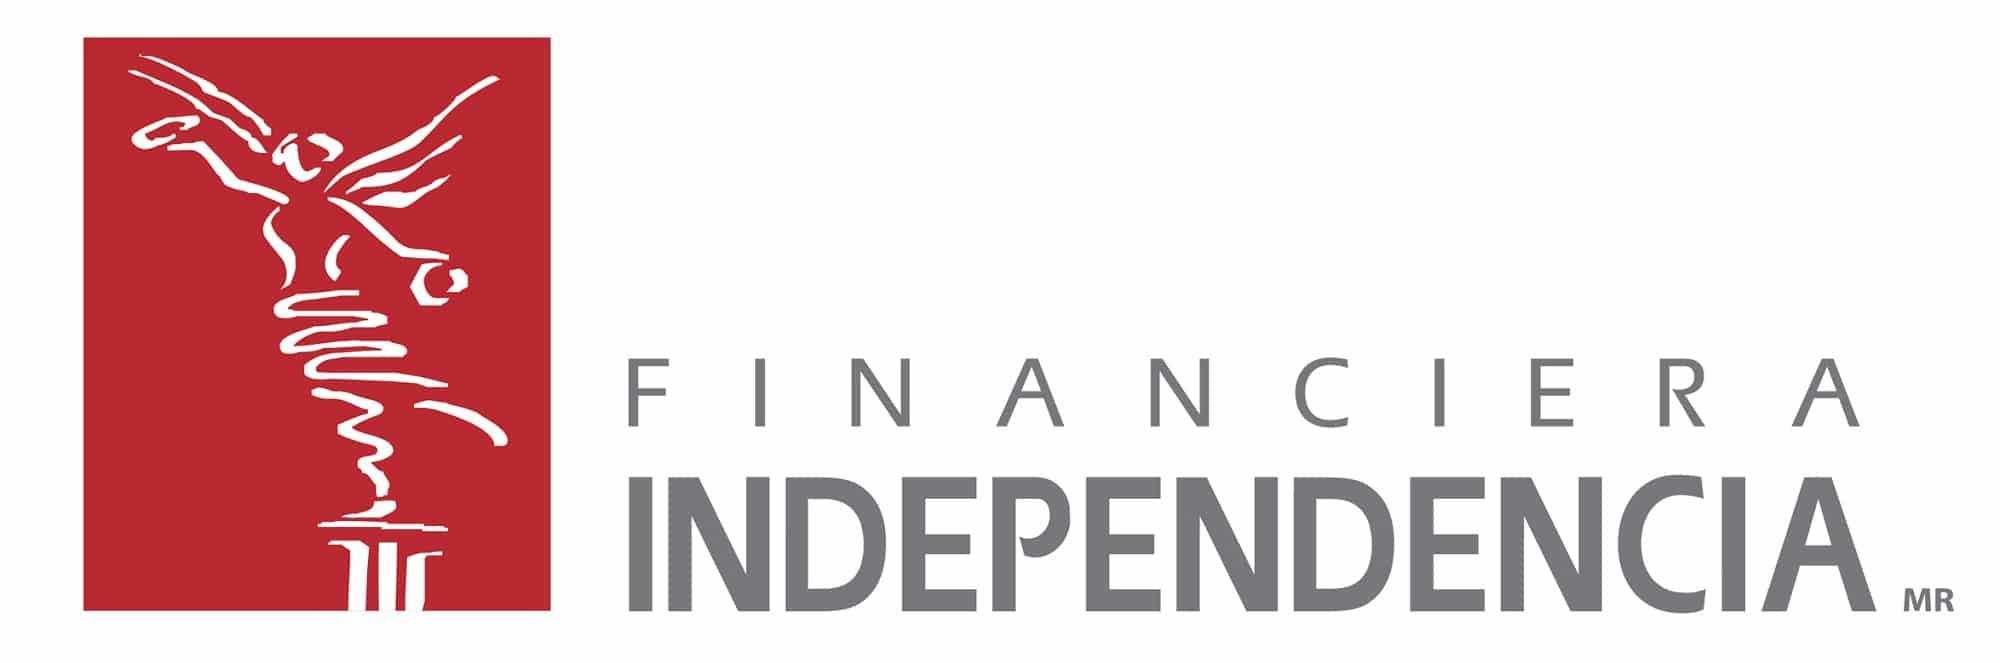 estado de cuenta de financiera independencia